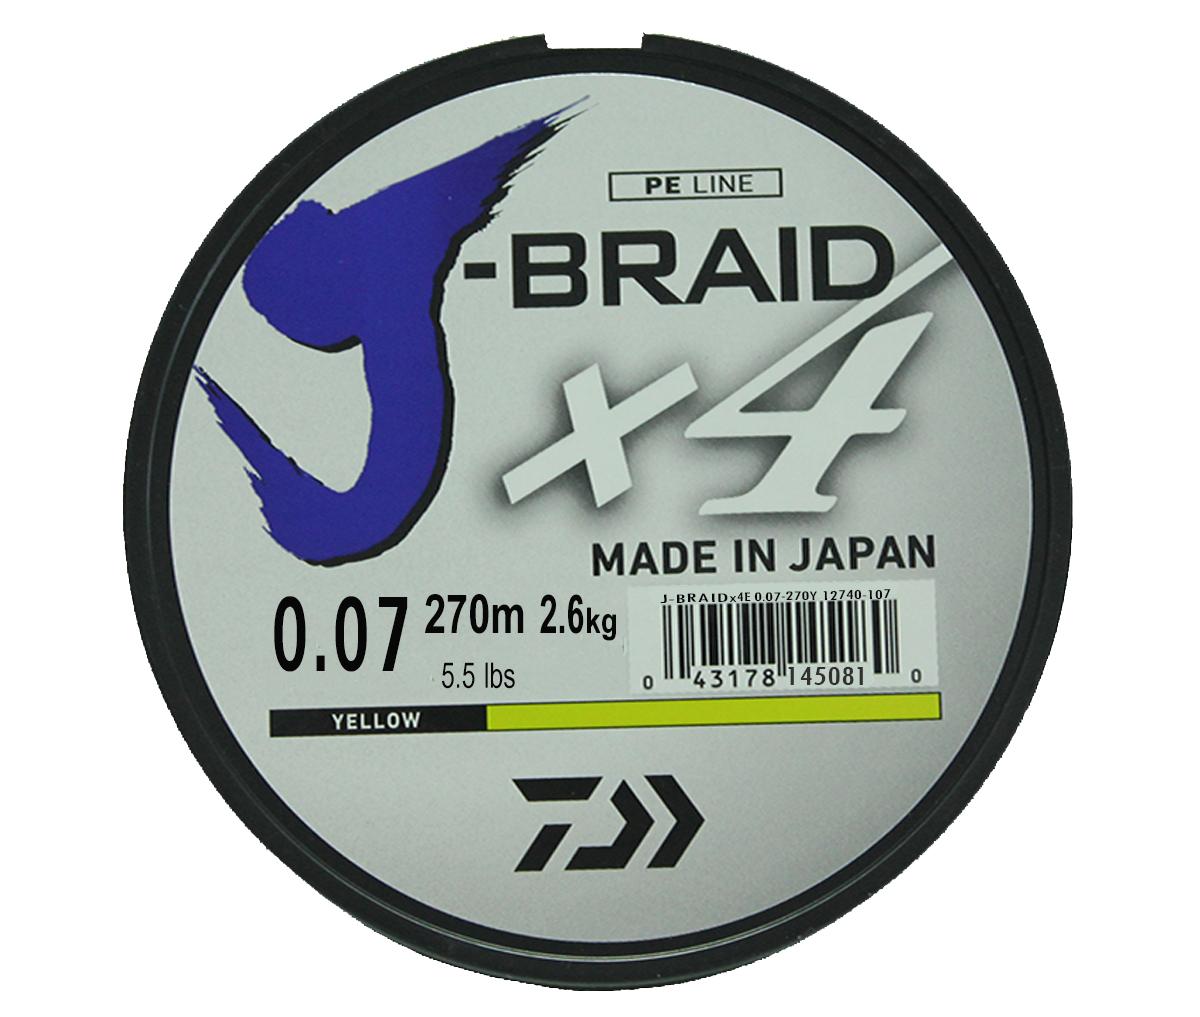 Шнур плетеный Daiwa J-Braid X4, цвет: флуоресцентный желтый, 270 м, 0,07 мм61145Новый 4х жильный шнур J-Braid, DAIWA - шнур высокого класса с удивительным соотношением цены и качества. Качество плетения полностью соответствует японским стандартам и удовлетворяет всем требованиям. Представленные диаметры позволяют использовать шнур для всех техник ловли, начиная от ultra- light ловли окуня, до морской ловли палтуса, трески и т.д